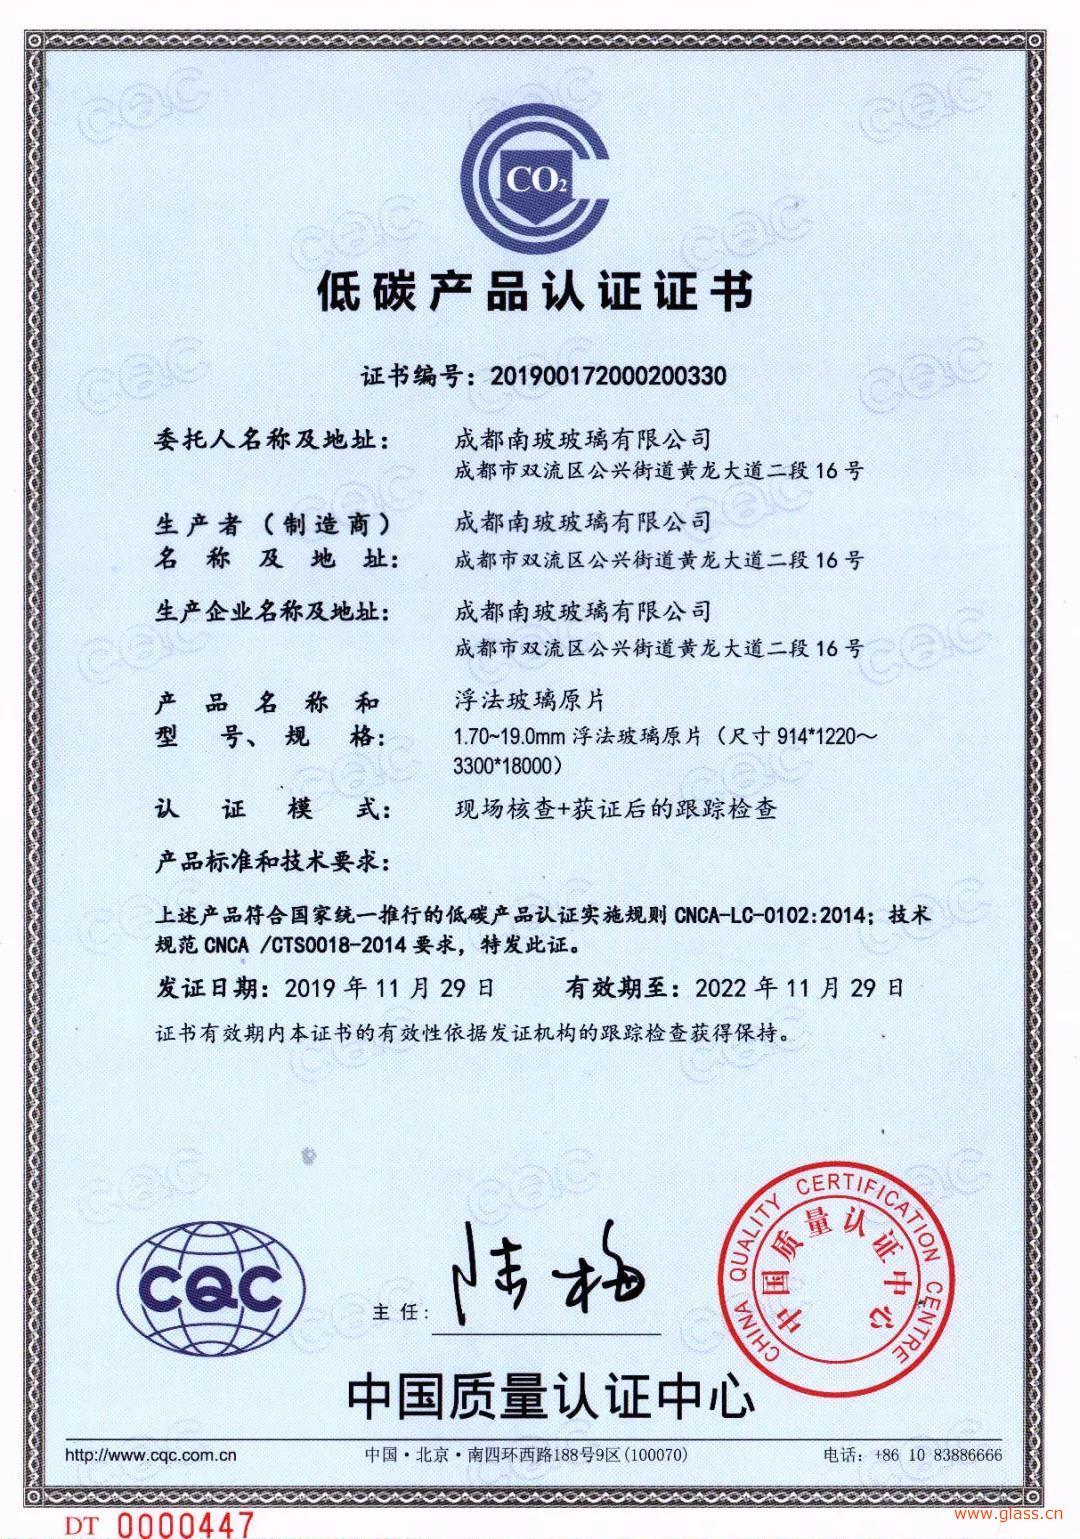 成都南玻玻璃有限公司浮法玻璃原片再获低碳产品认证